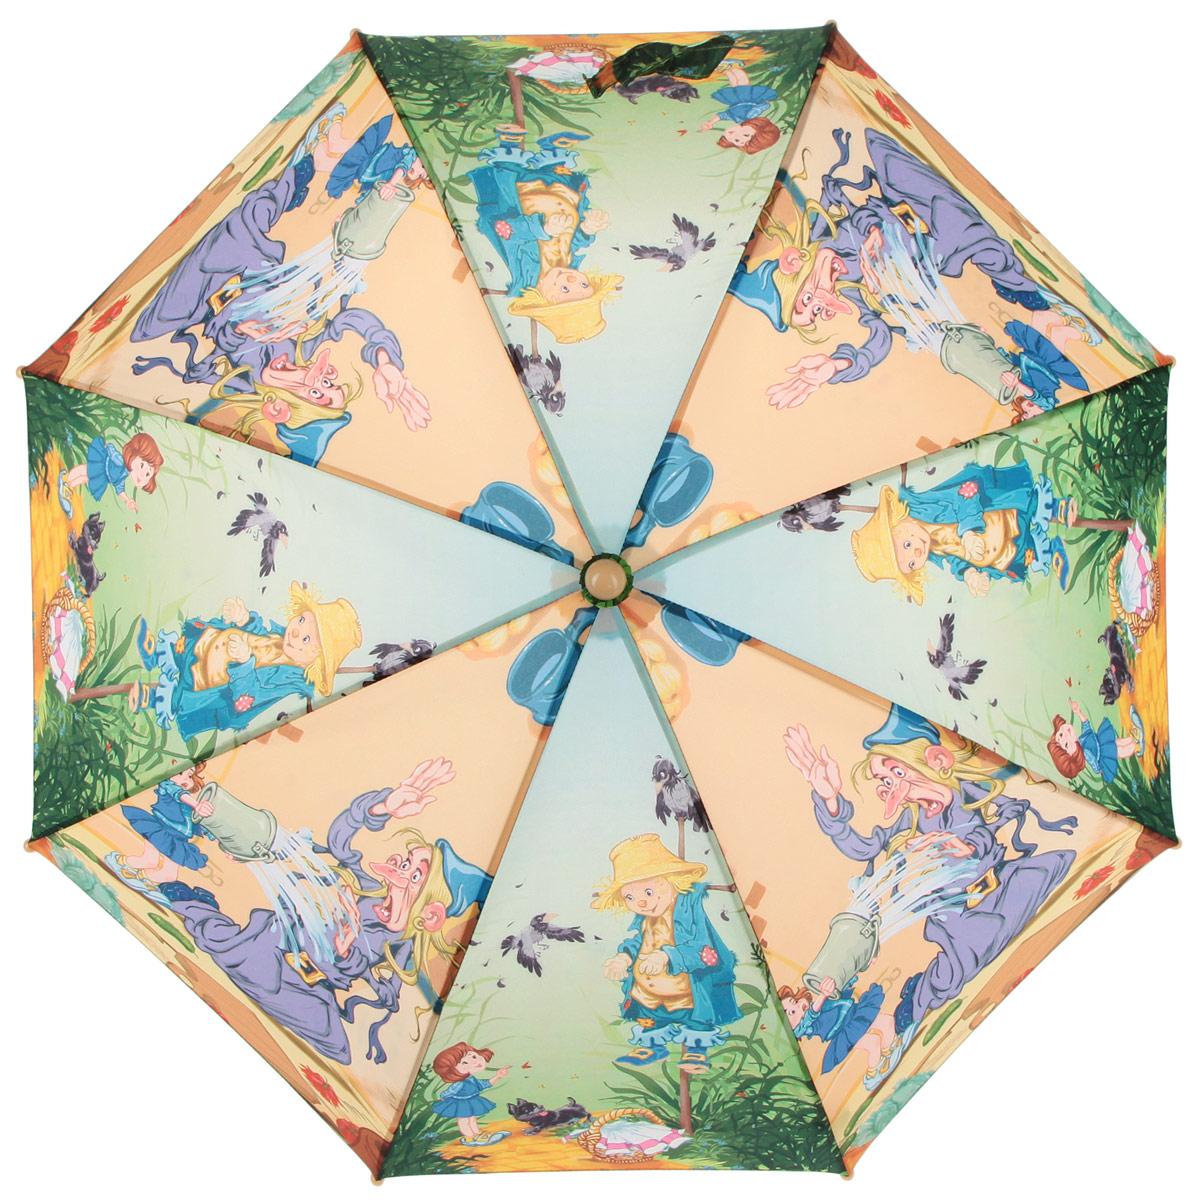 Зонт-трость детский Zest, цвет: зеленый, оранжевый, мультицвет. 21-0421-04Красочный детский зонт-трость ZEST выполнен из металла и пластика, оформлен принтом с изображениями героев известнейших сказок. Каркас зонта выполнен из восьми спиц, стержень из стали. На концах спиц предусмотрены пластиковые элементы, которые защитят малыша от травм. Купол зонта изготовлен прочного полиэстера. Закрытый купол застегивается на липучку хлястиком. Практичная глянцевая рукоятка закругленной формы разработана с учетом требований эргономики и выполнена из пластика. Зонт раскладывается и складывается при помощи механических воздействий.